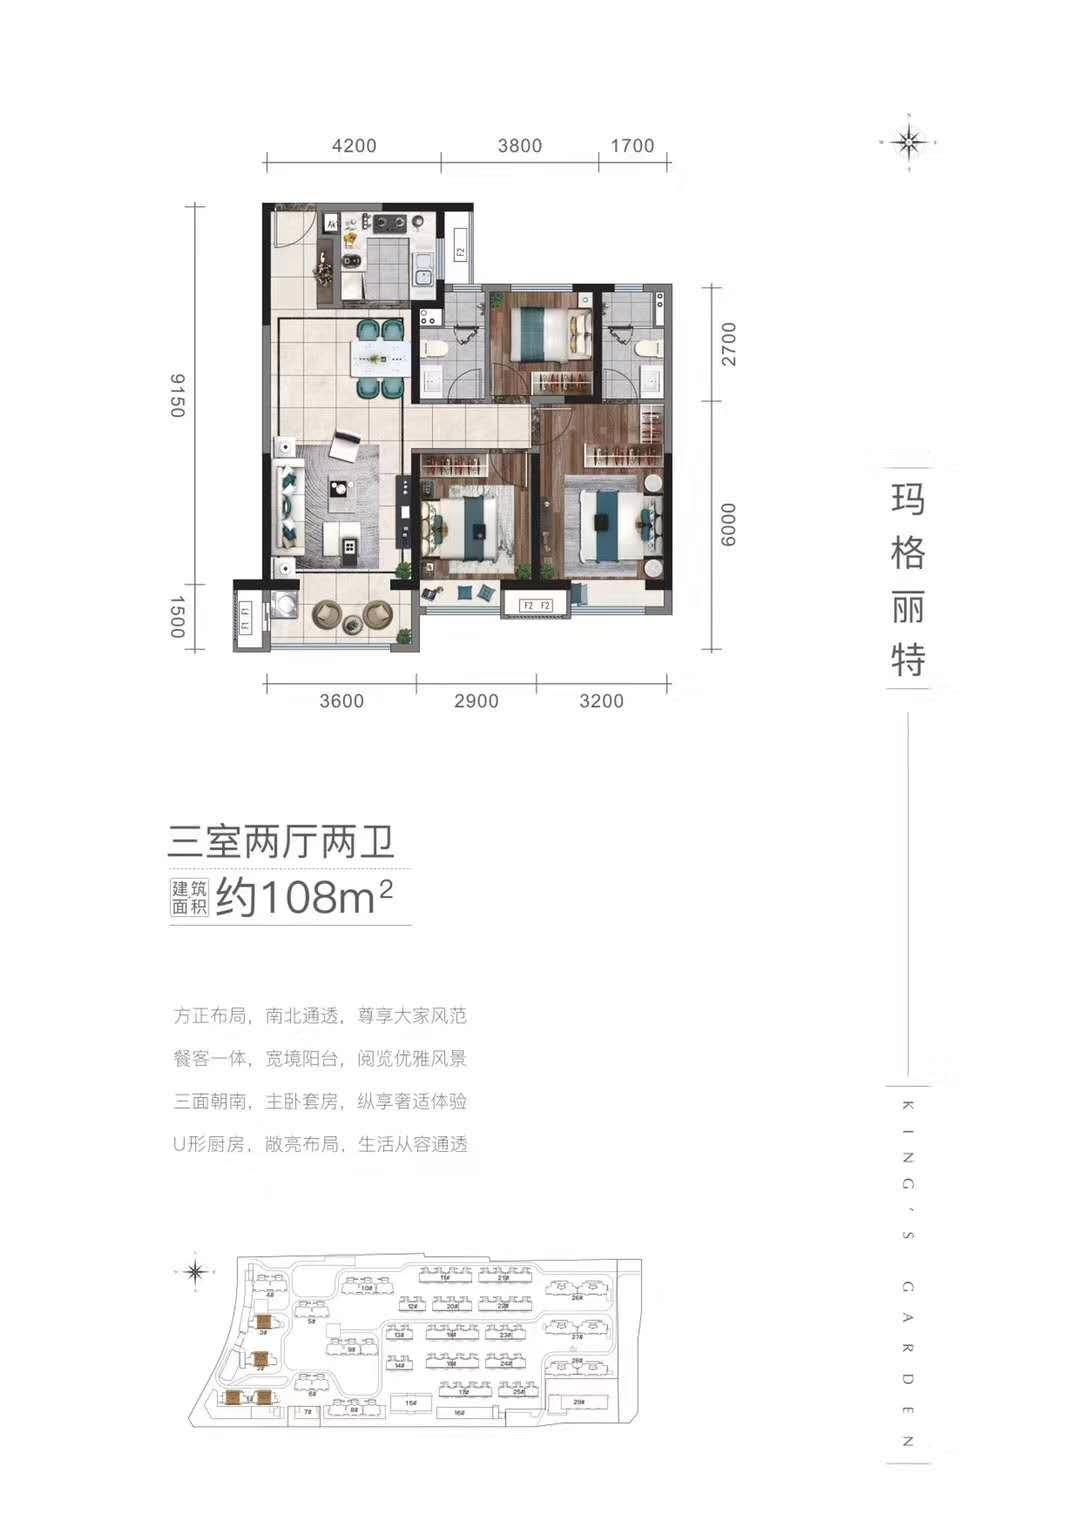 金辉江山铭著108㎡三室两厅两卫户型图